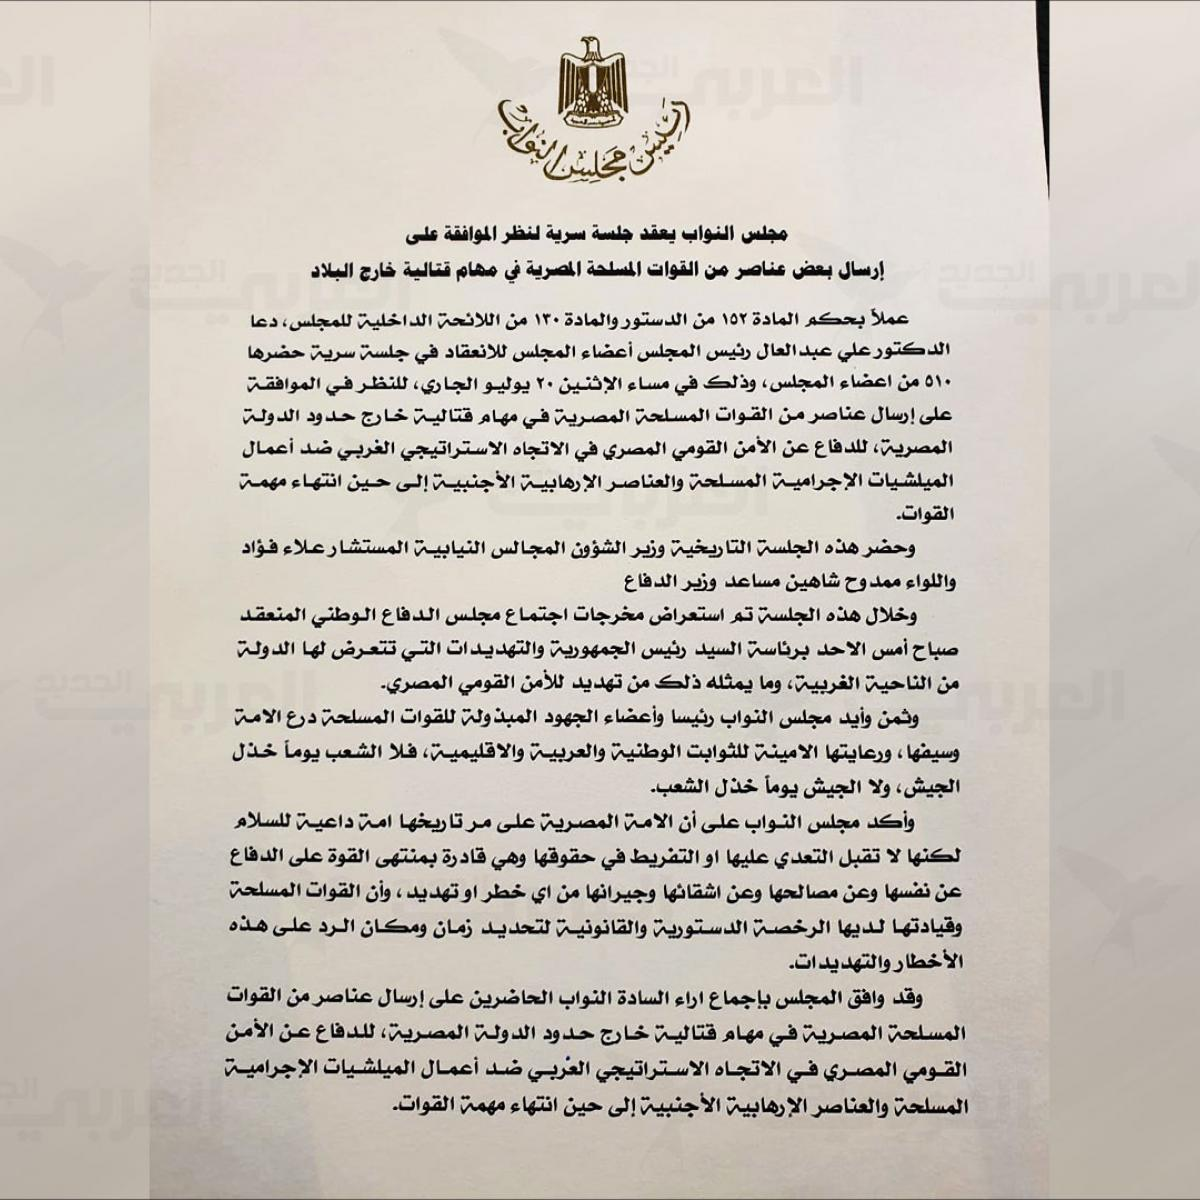 سياسة/بيان البرلمان المصري بشأن ليبيا/(العربي الجديد)